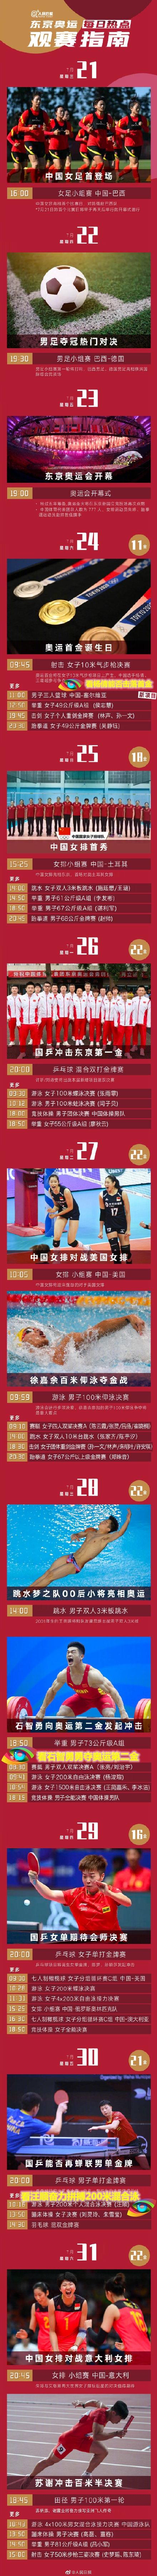 收藏!中国军团东京奥运每日看点+宁波健儿夺牌看点